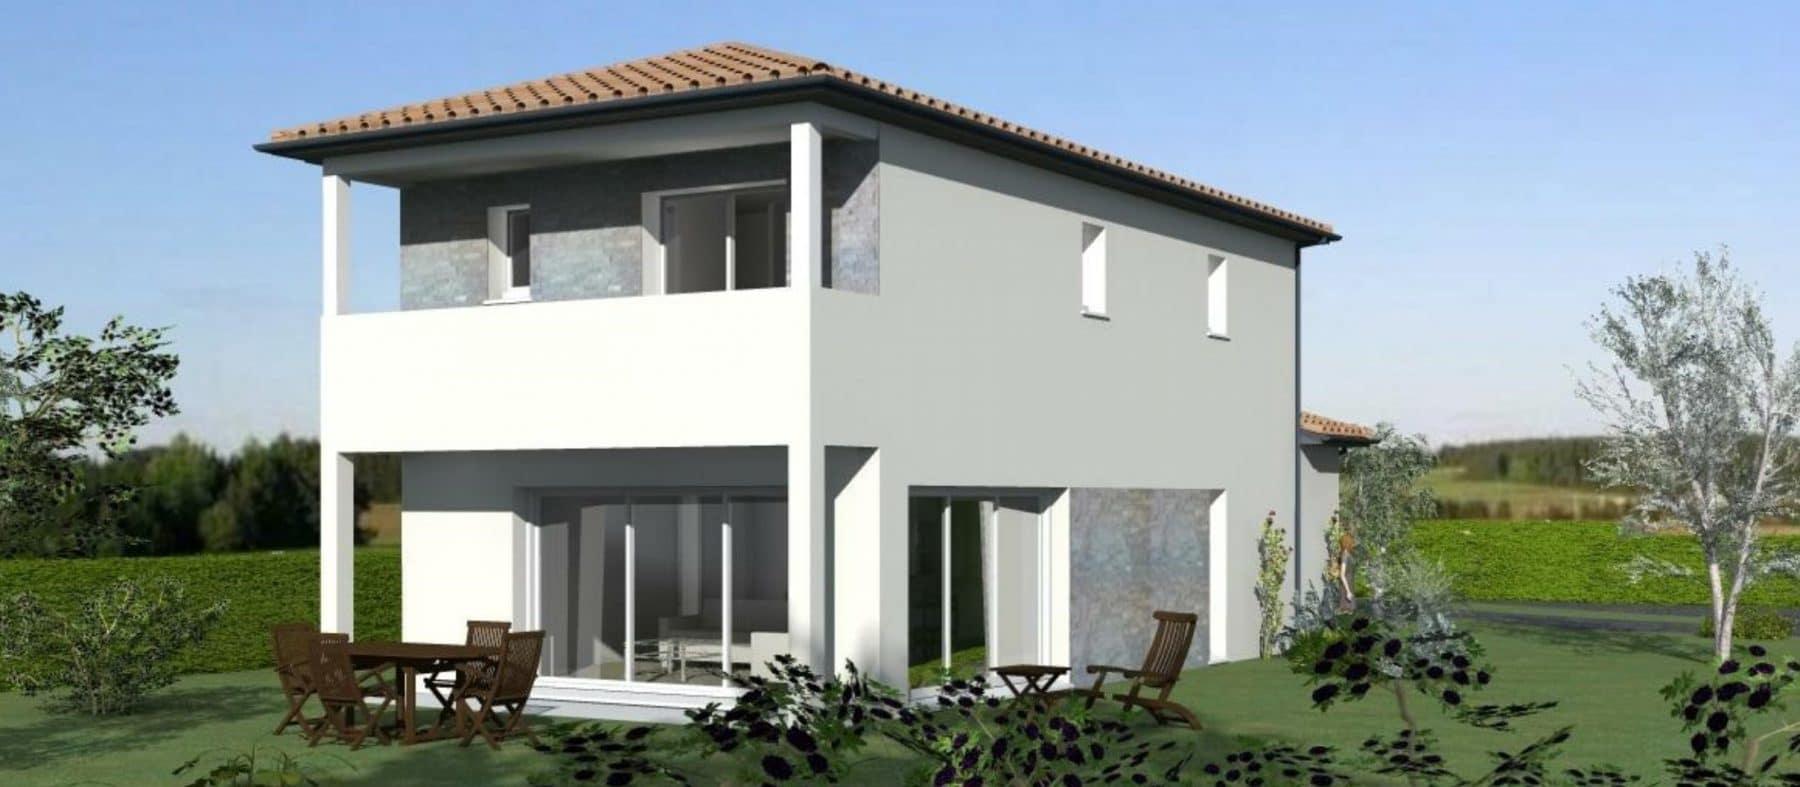 axo maison bruges (2)